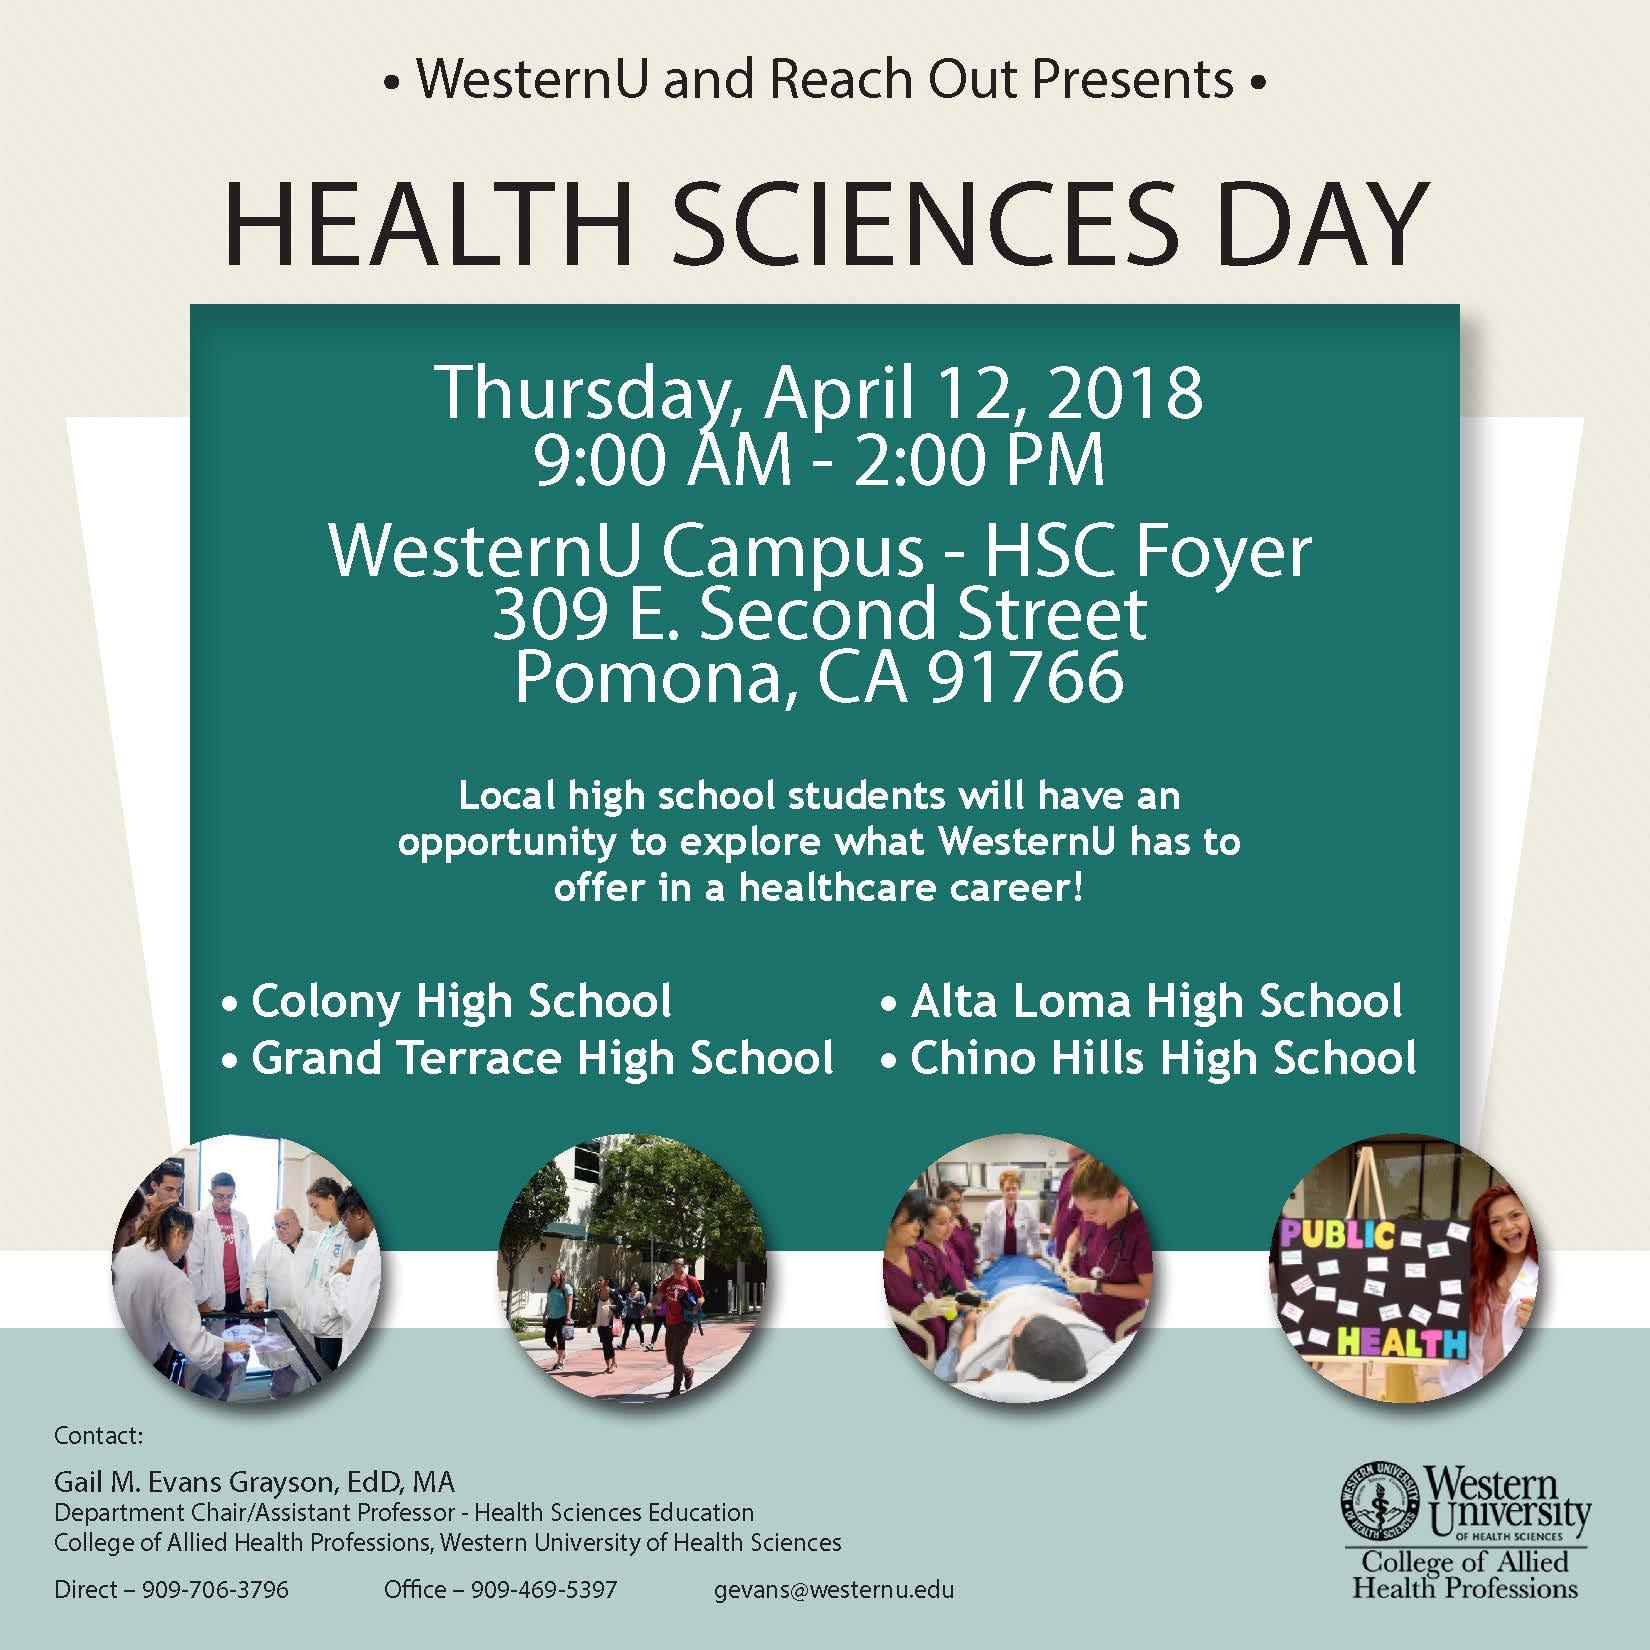 Health Sciences Day flier